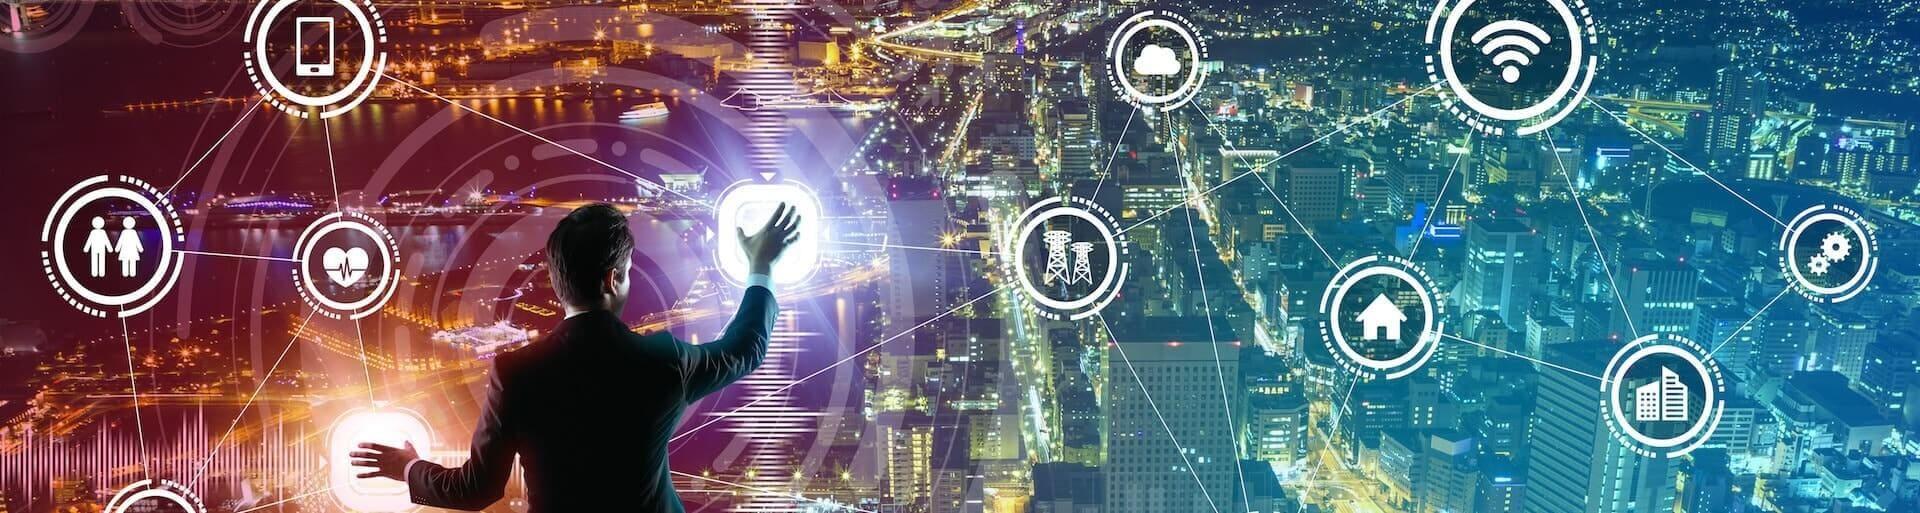 Digitalisierung in der Immobilienfinanzierung: Die Konkurrenz aus dem Netz